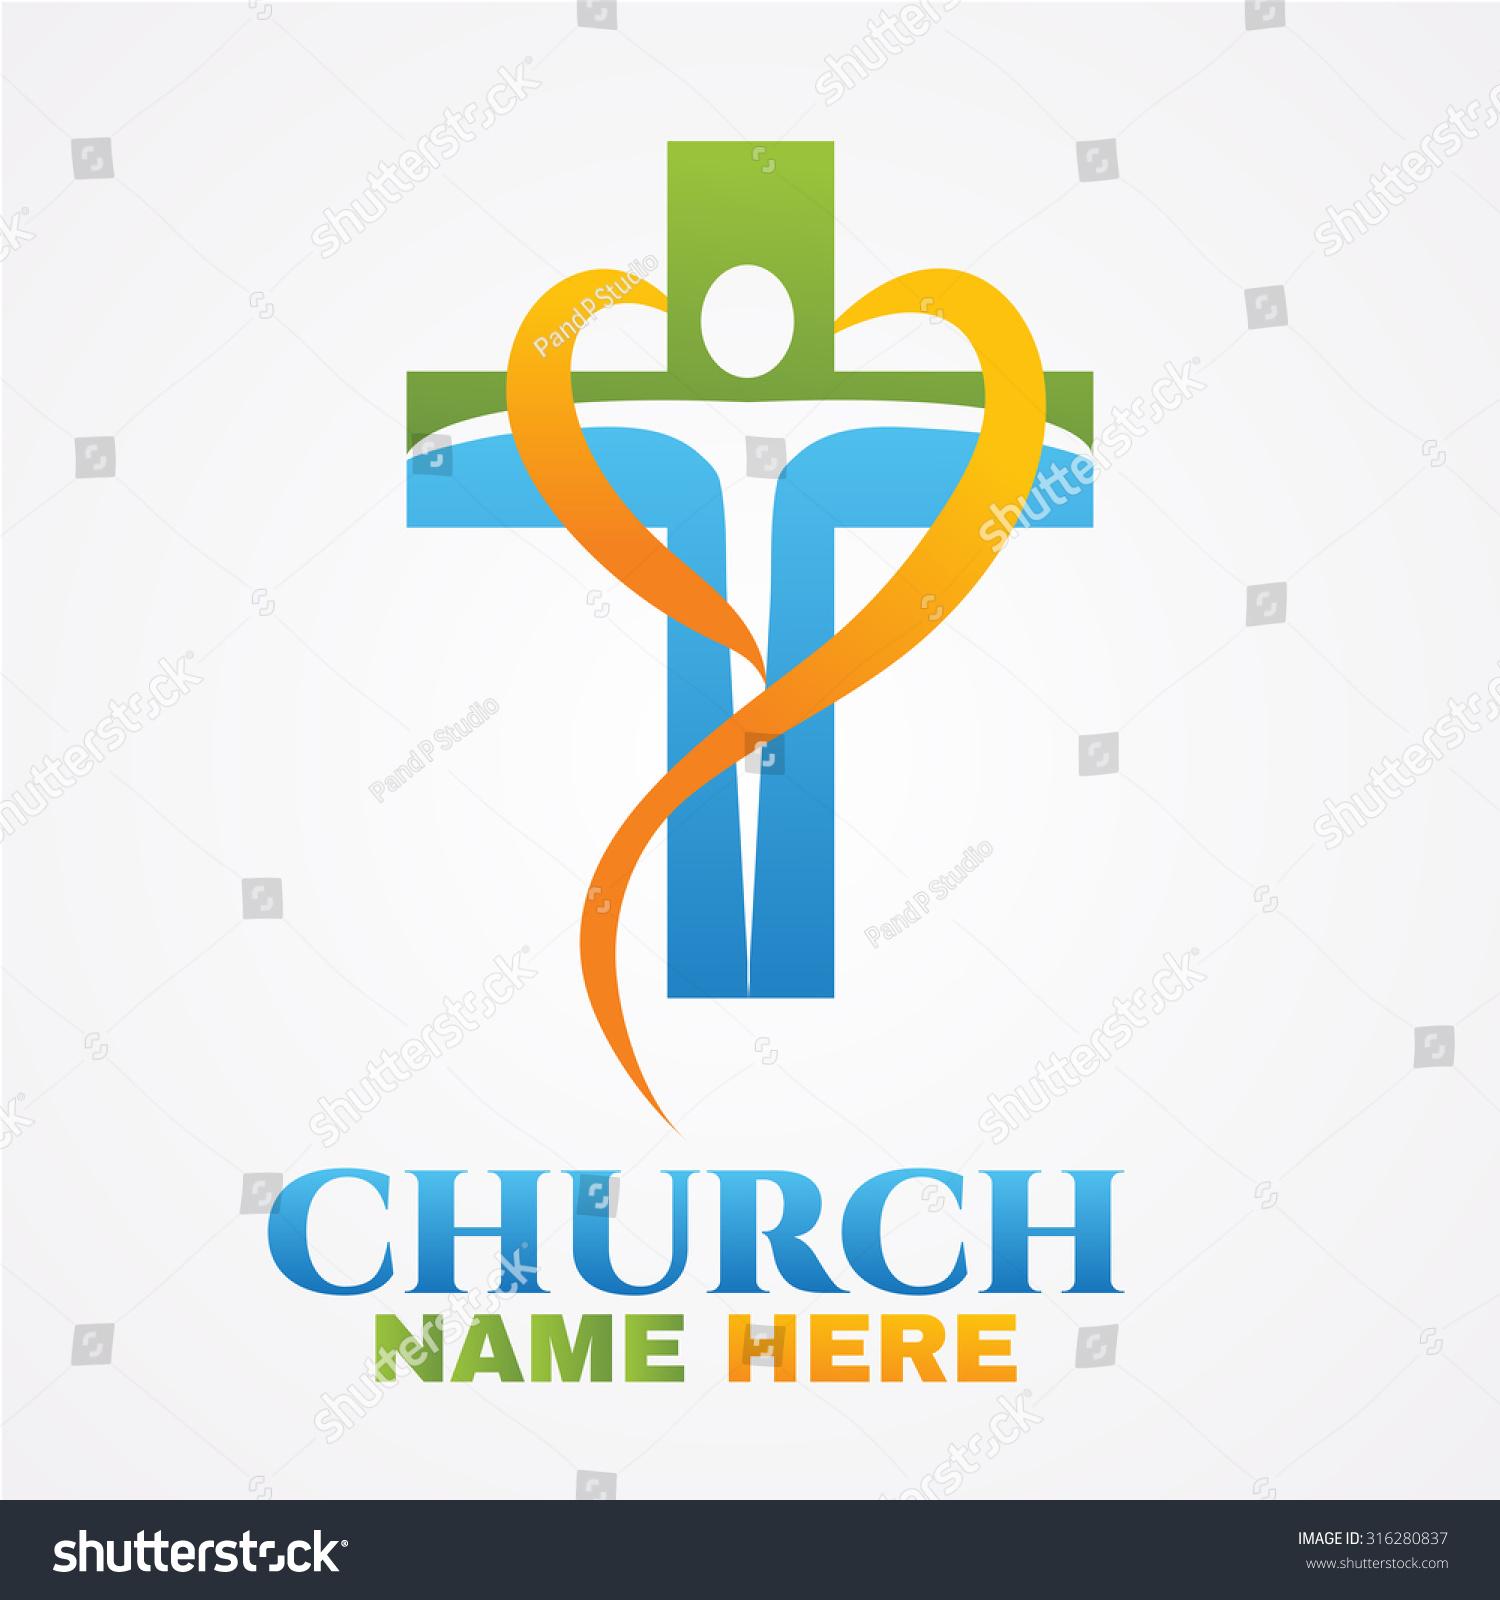 Abstract Christian Cross Logo Design Vector Stock Vector 316280837 ...